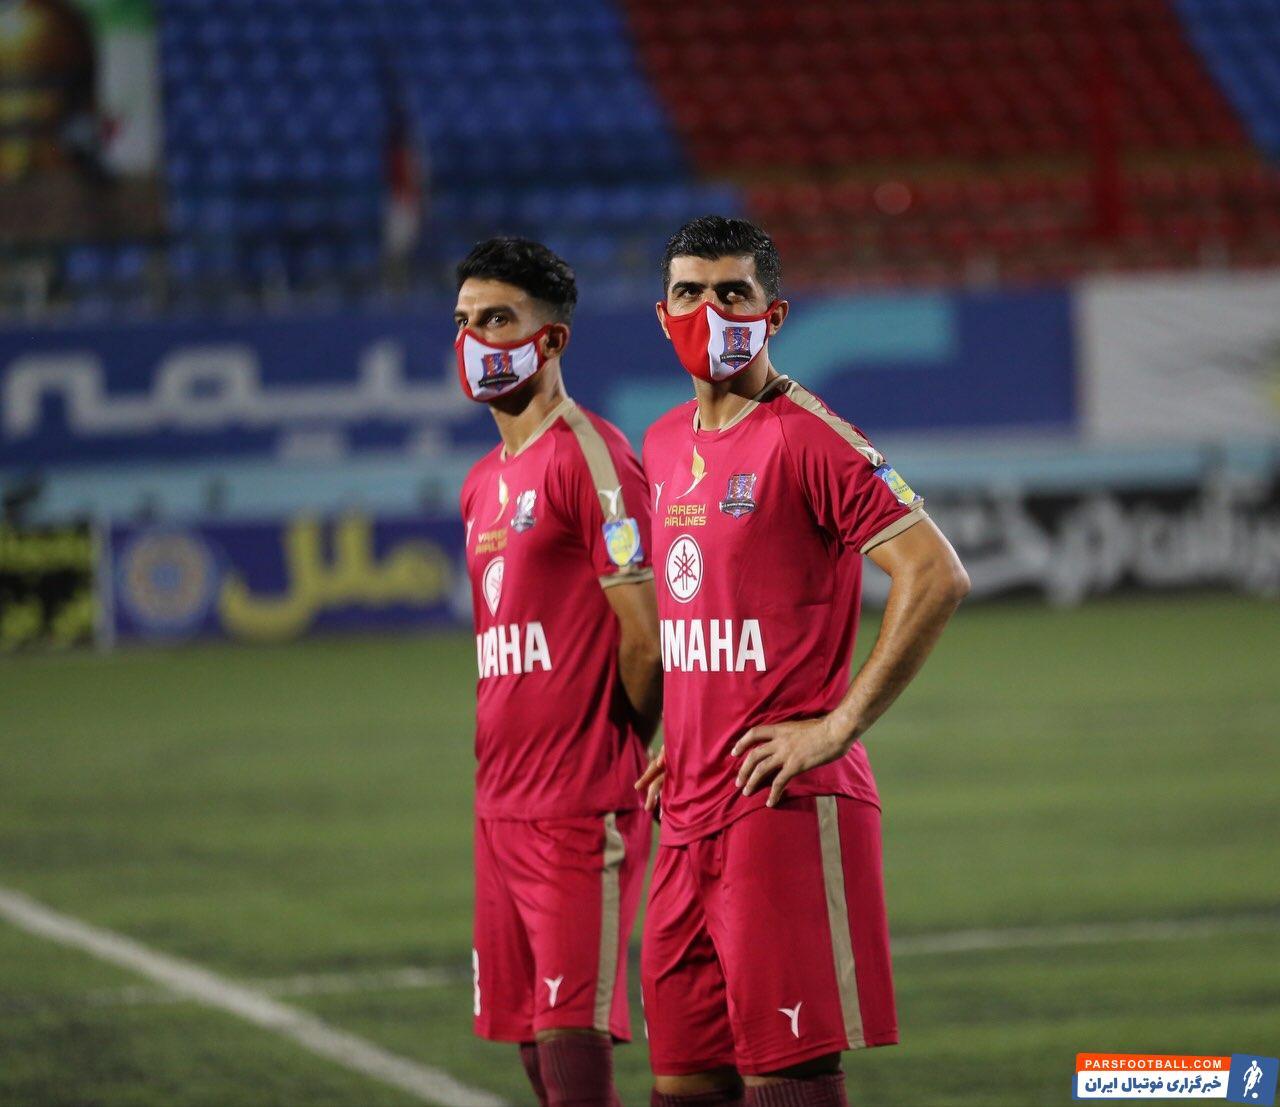 در این بین تنها بازیکنی که به هنگام گرم کردن ماسک زده بود حسین ماهینی بود. مدافع راست نساجی که در بازی های اخیر این تیم نمایش خوبی داشت.